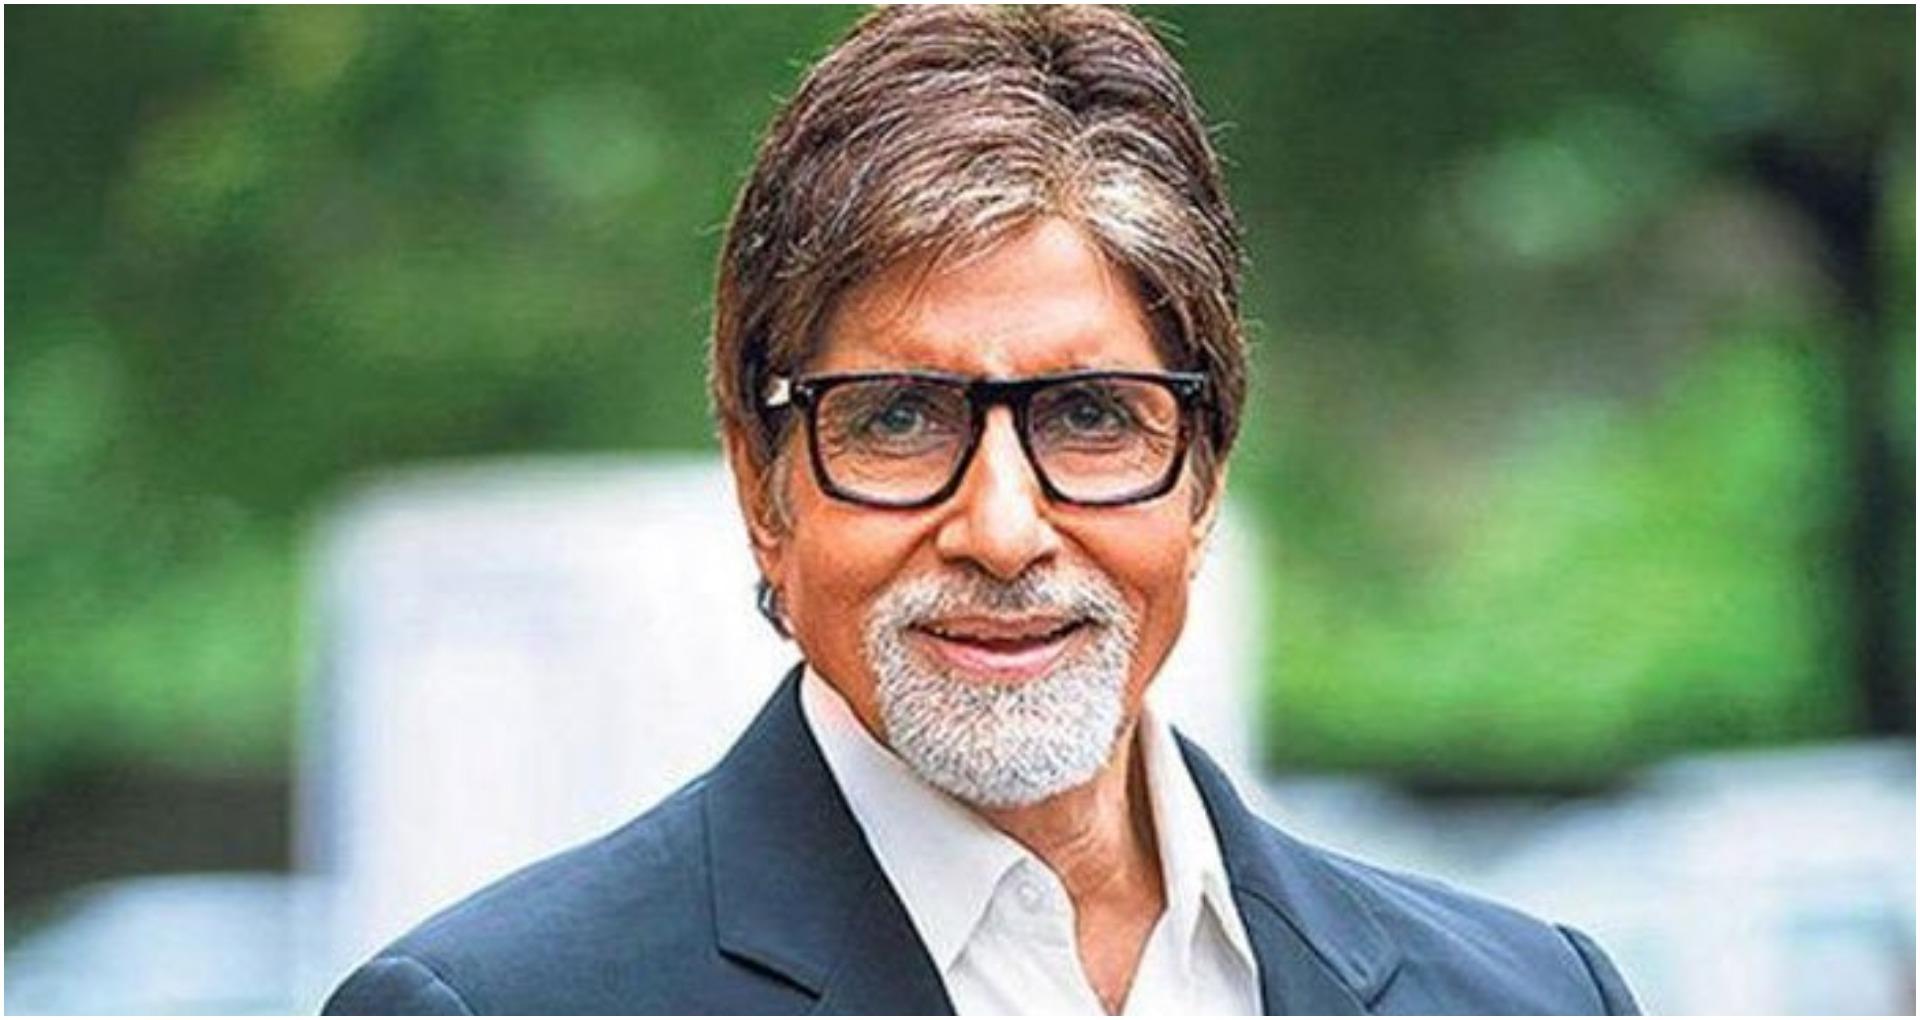 चीन के साथ हुई झड़प में भारत के शहीद 20 सैनिकों के लिए बॉलीवुड अभिनेता अमिताभ बच्चन ने बोली ये बात